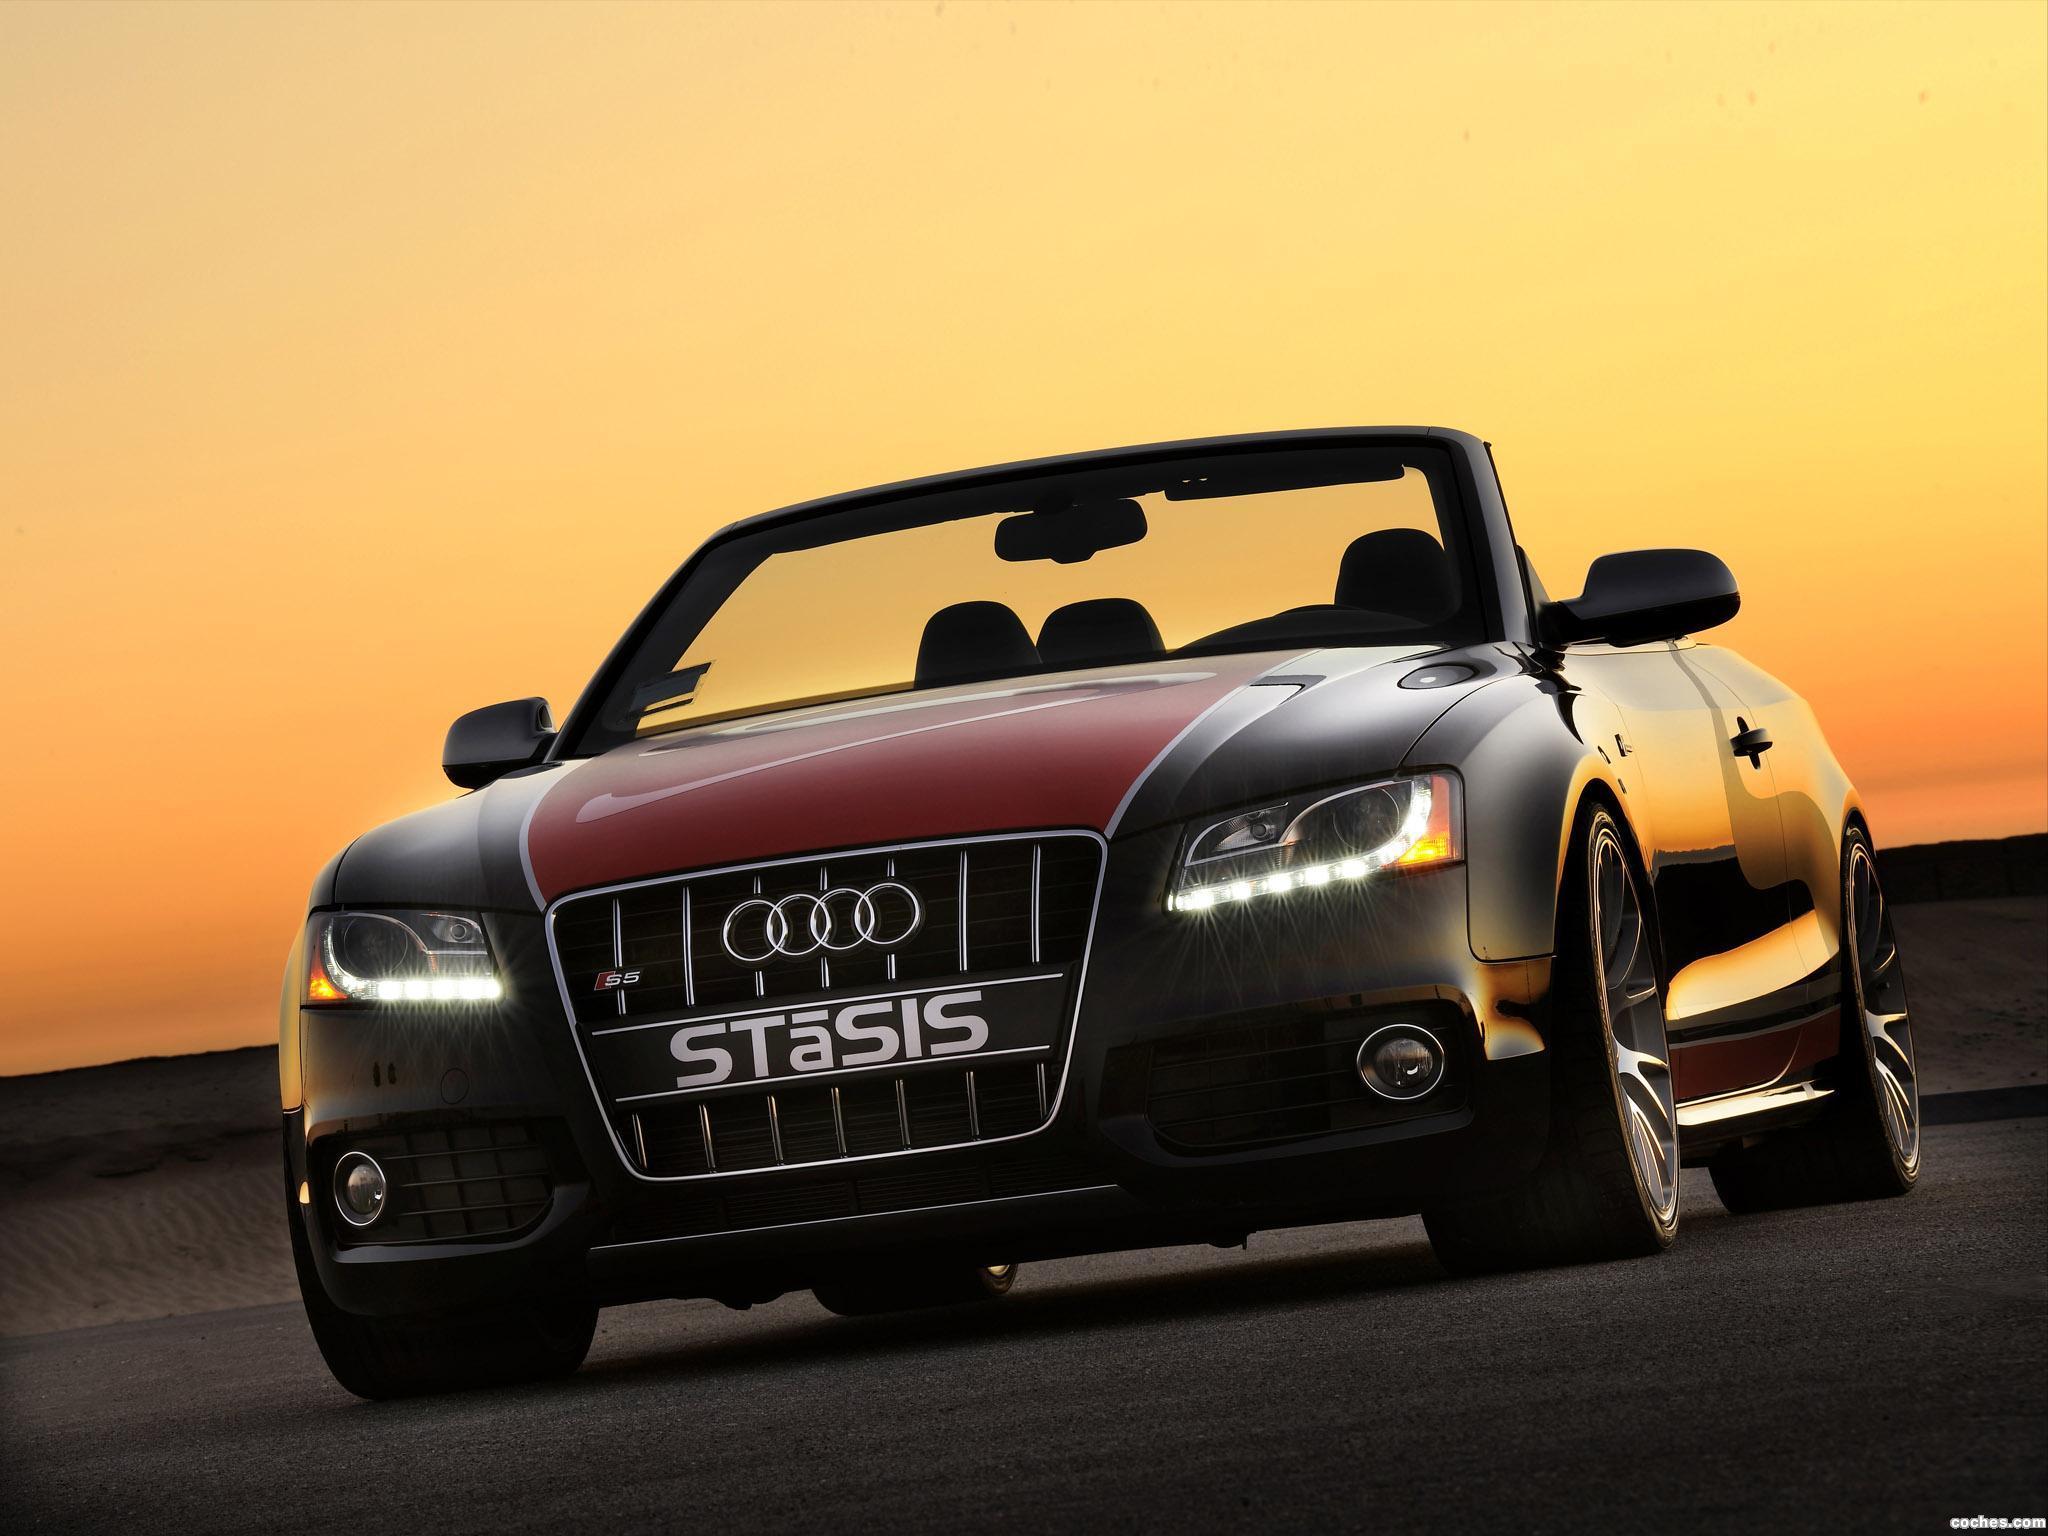 Foto 0 de Audi S5 Cabriolet STaSIS Challenge Edition 2011